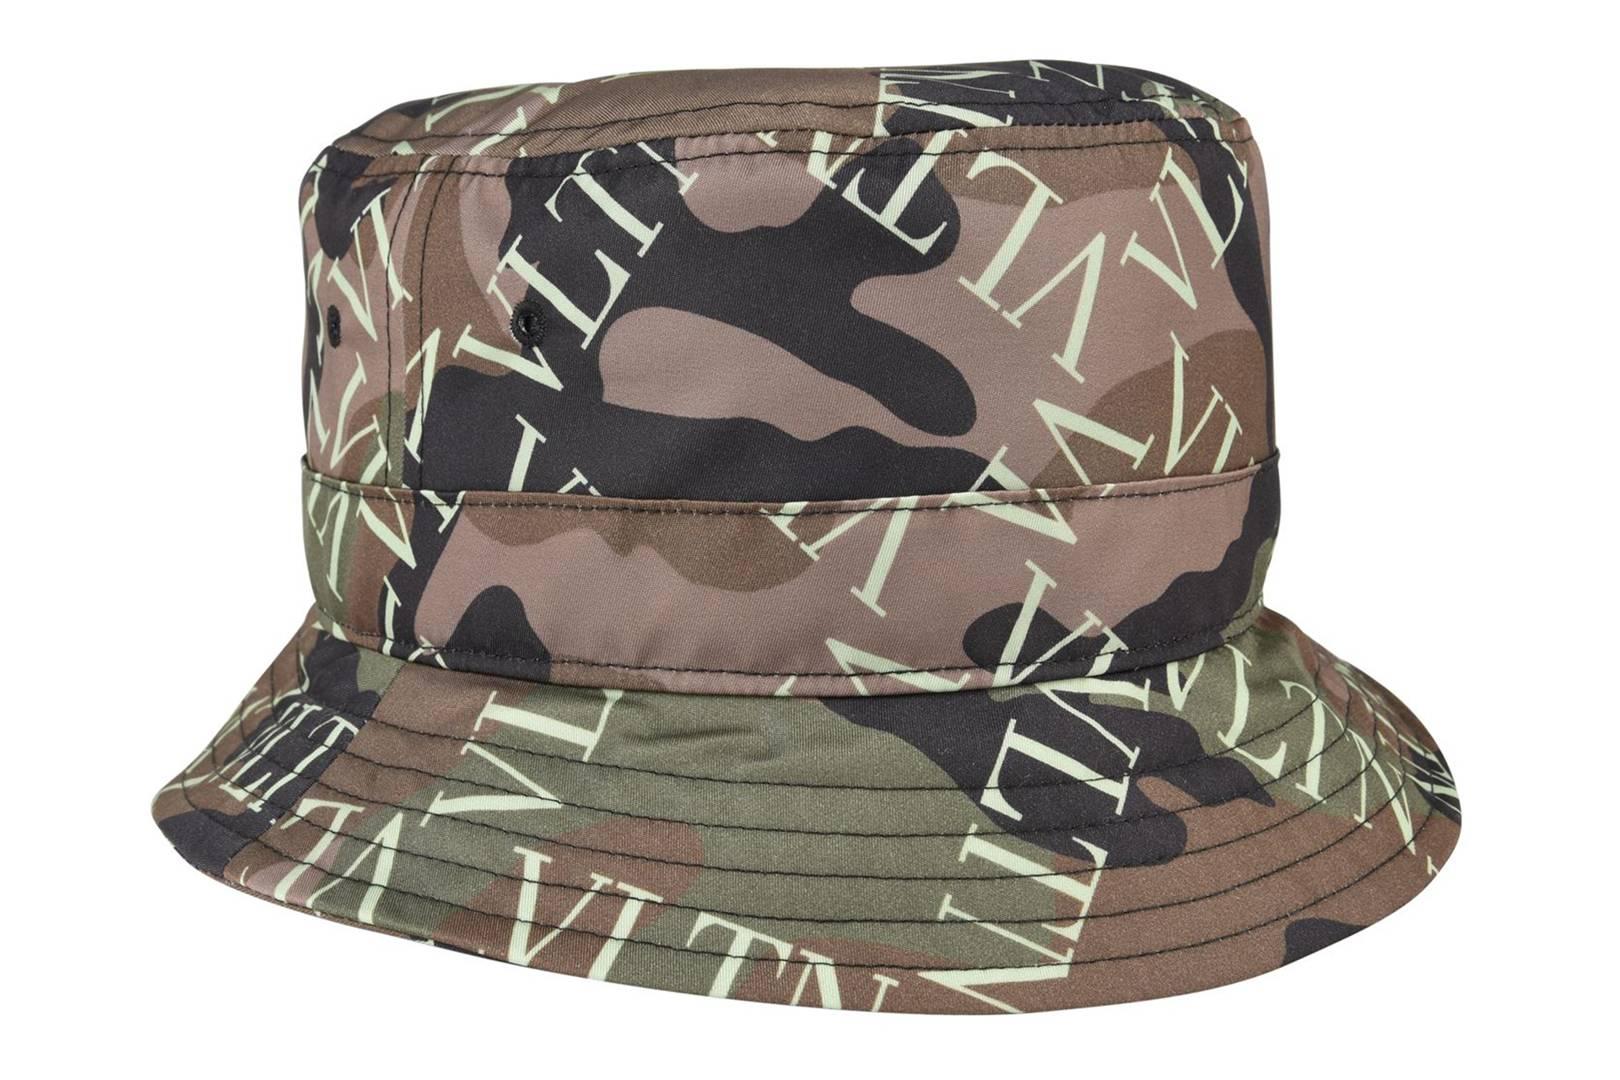 afd671d80f7 Best men s bucket hats